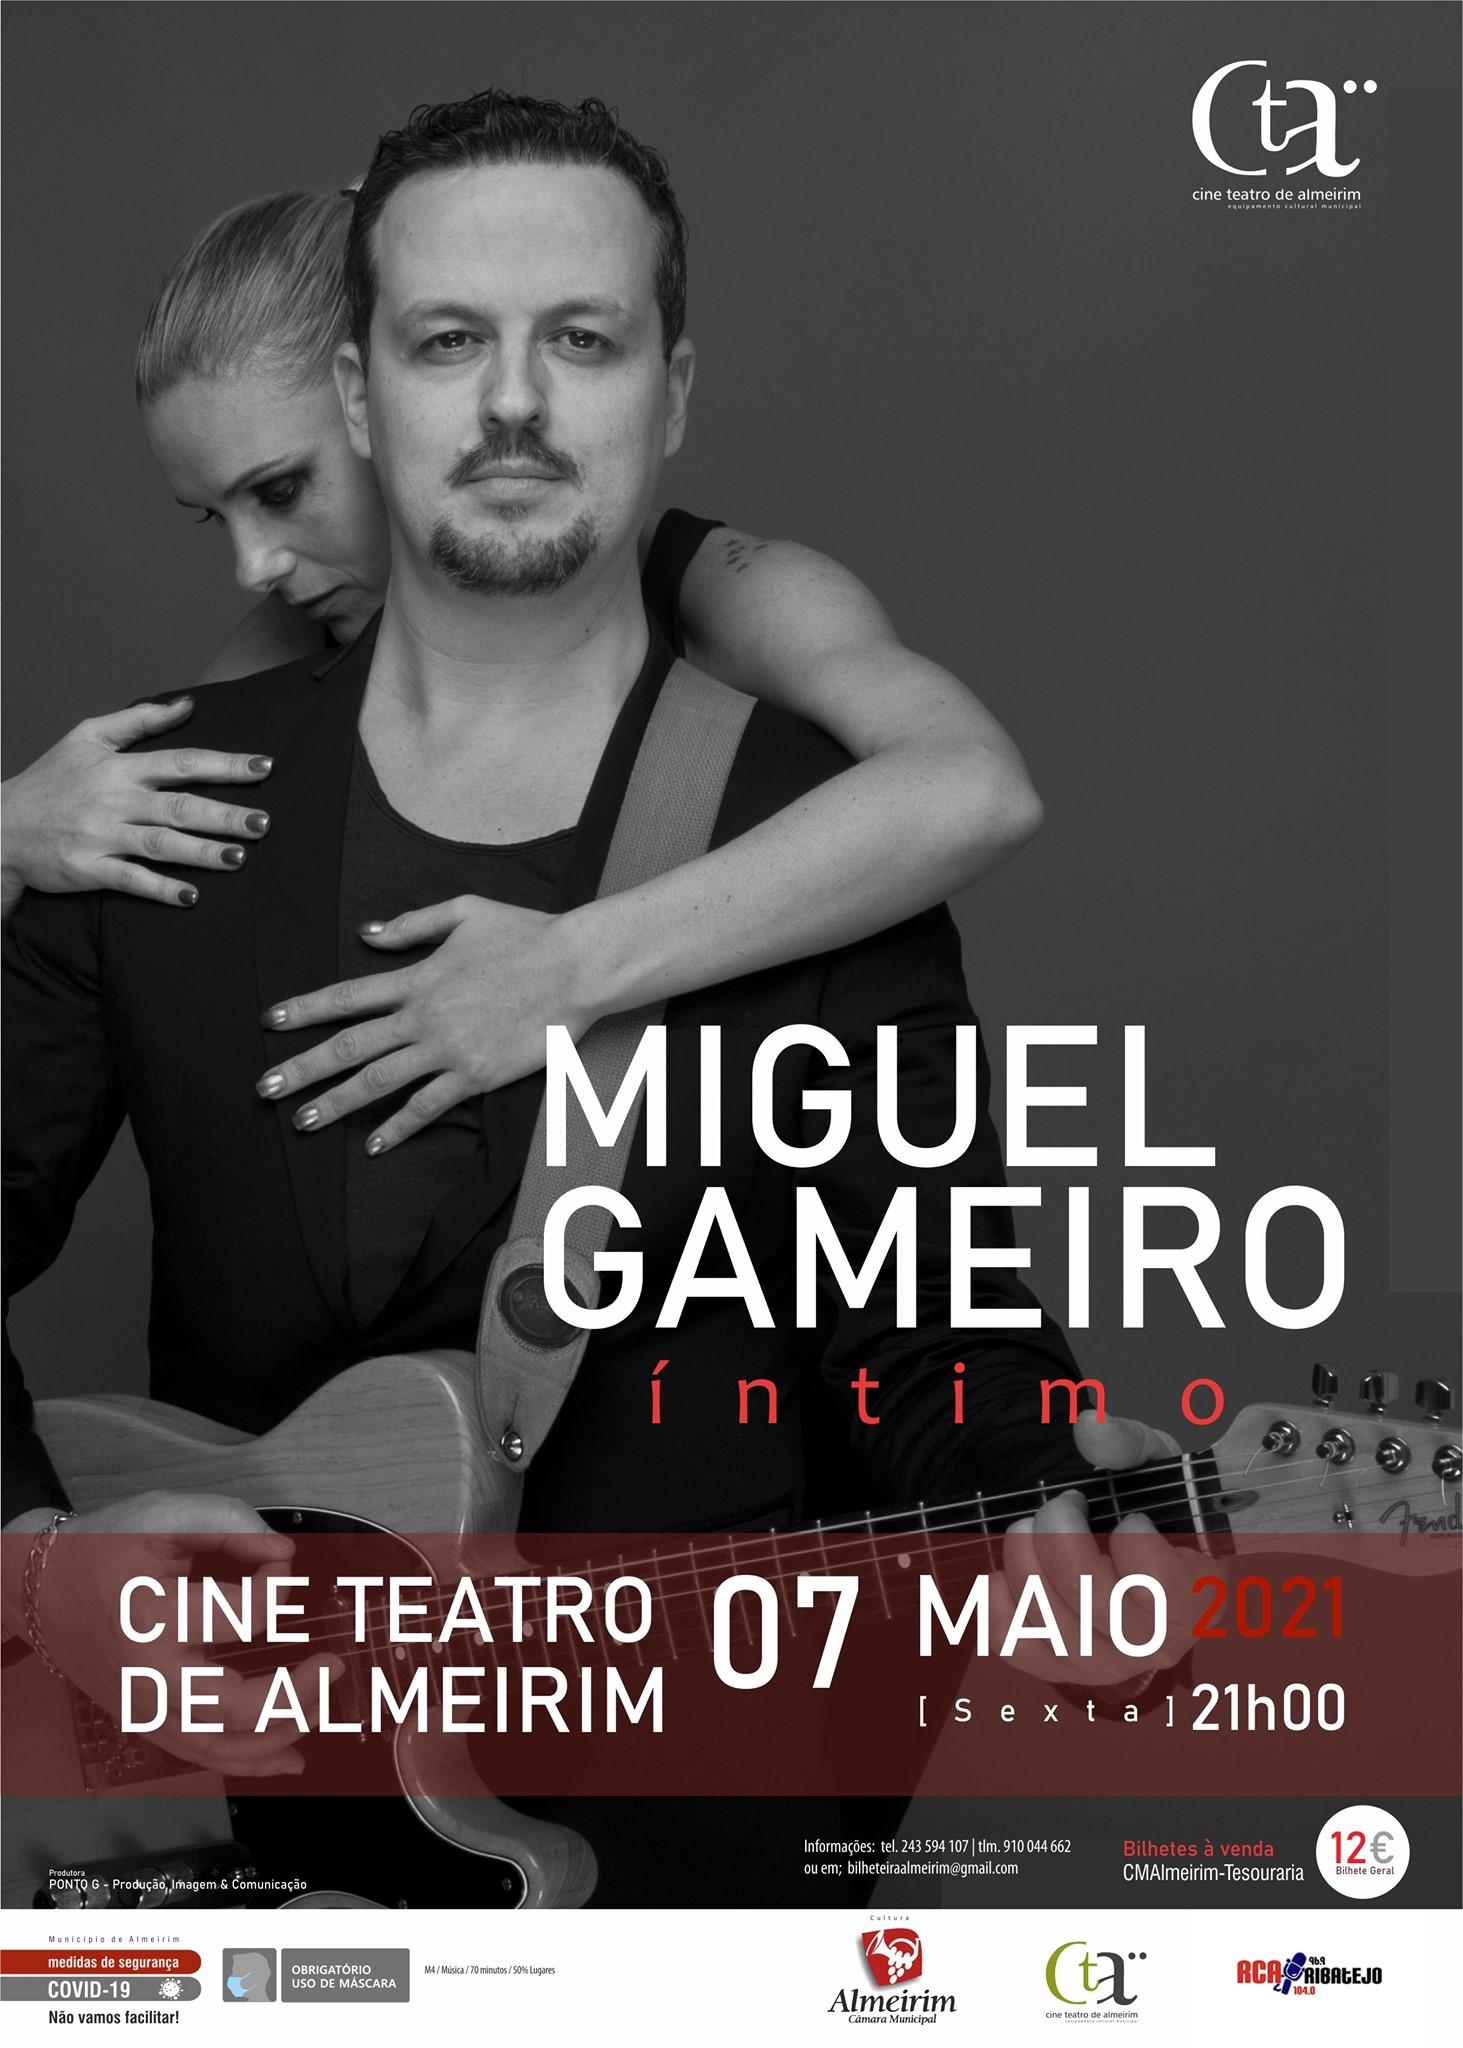 Miguel Gameiro - 'Intimo'